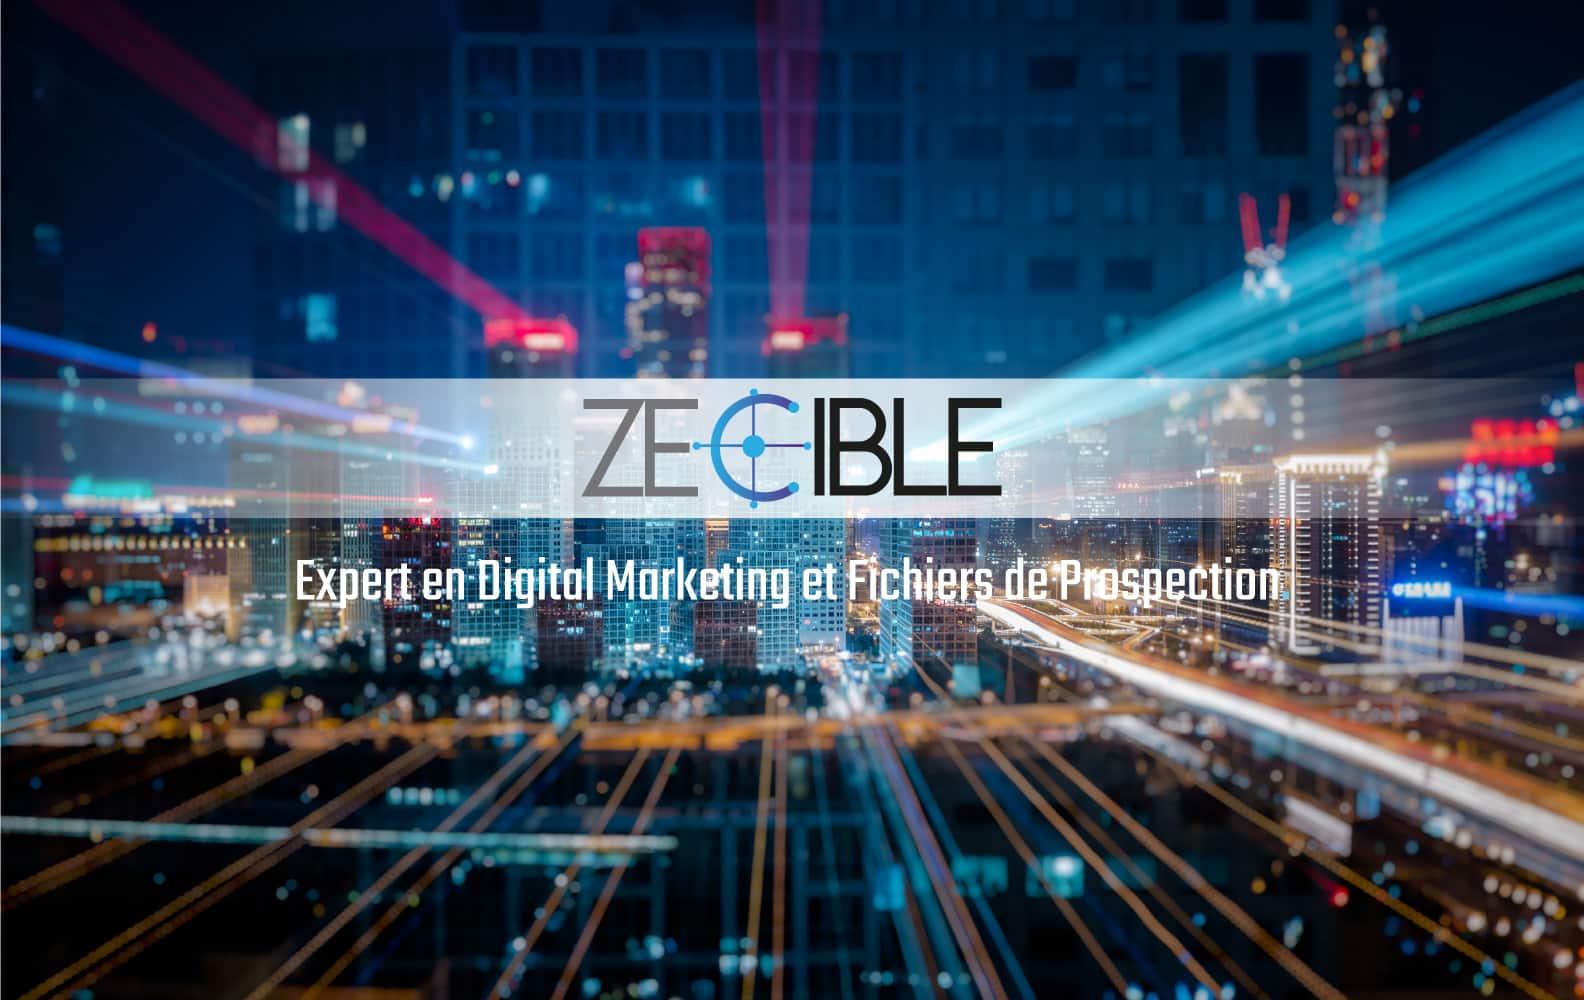 Zecible Expert Digital Marketing